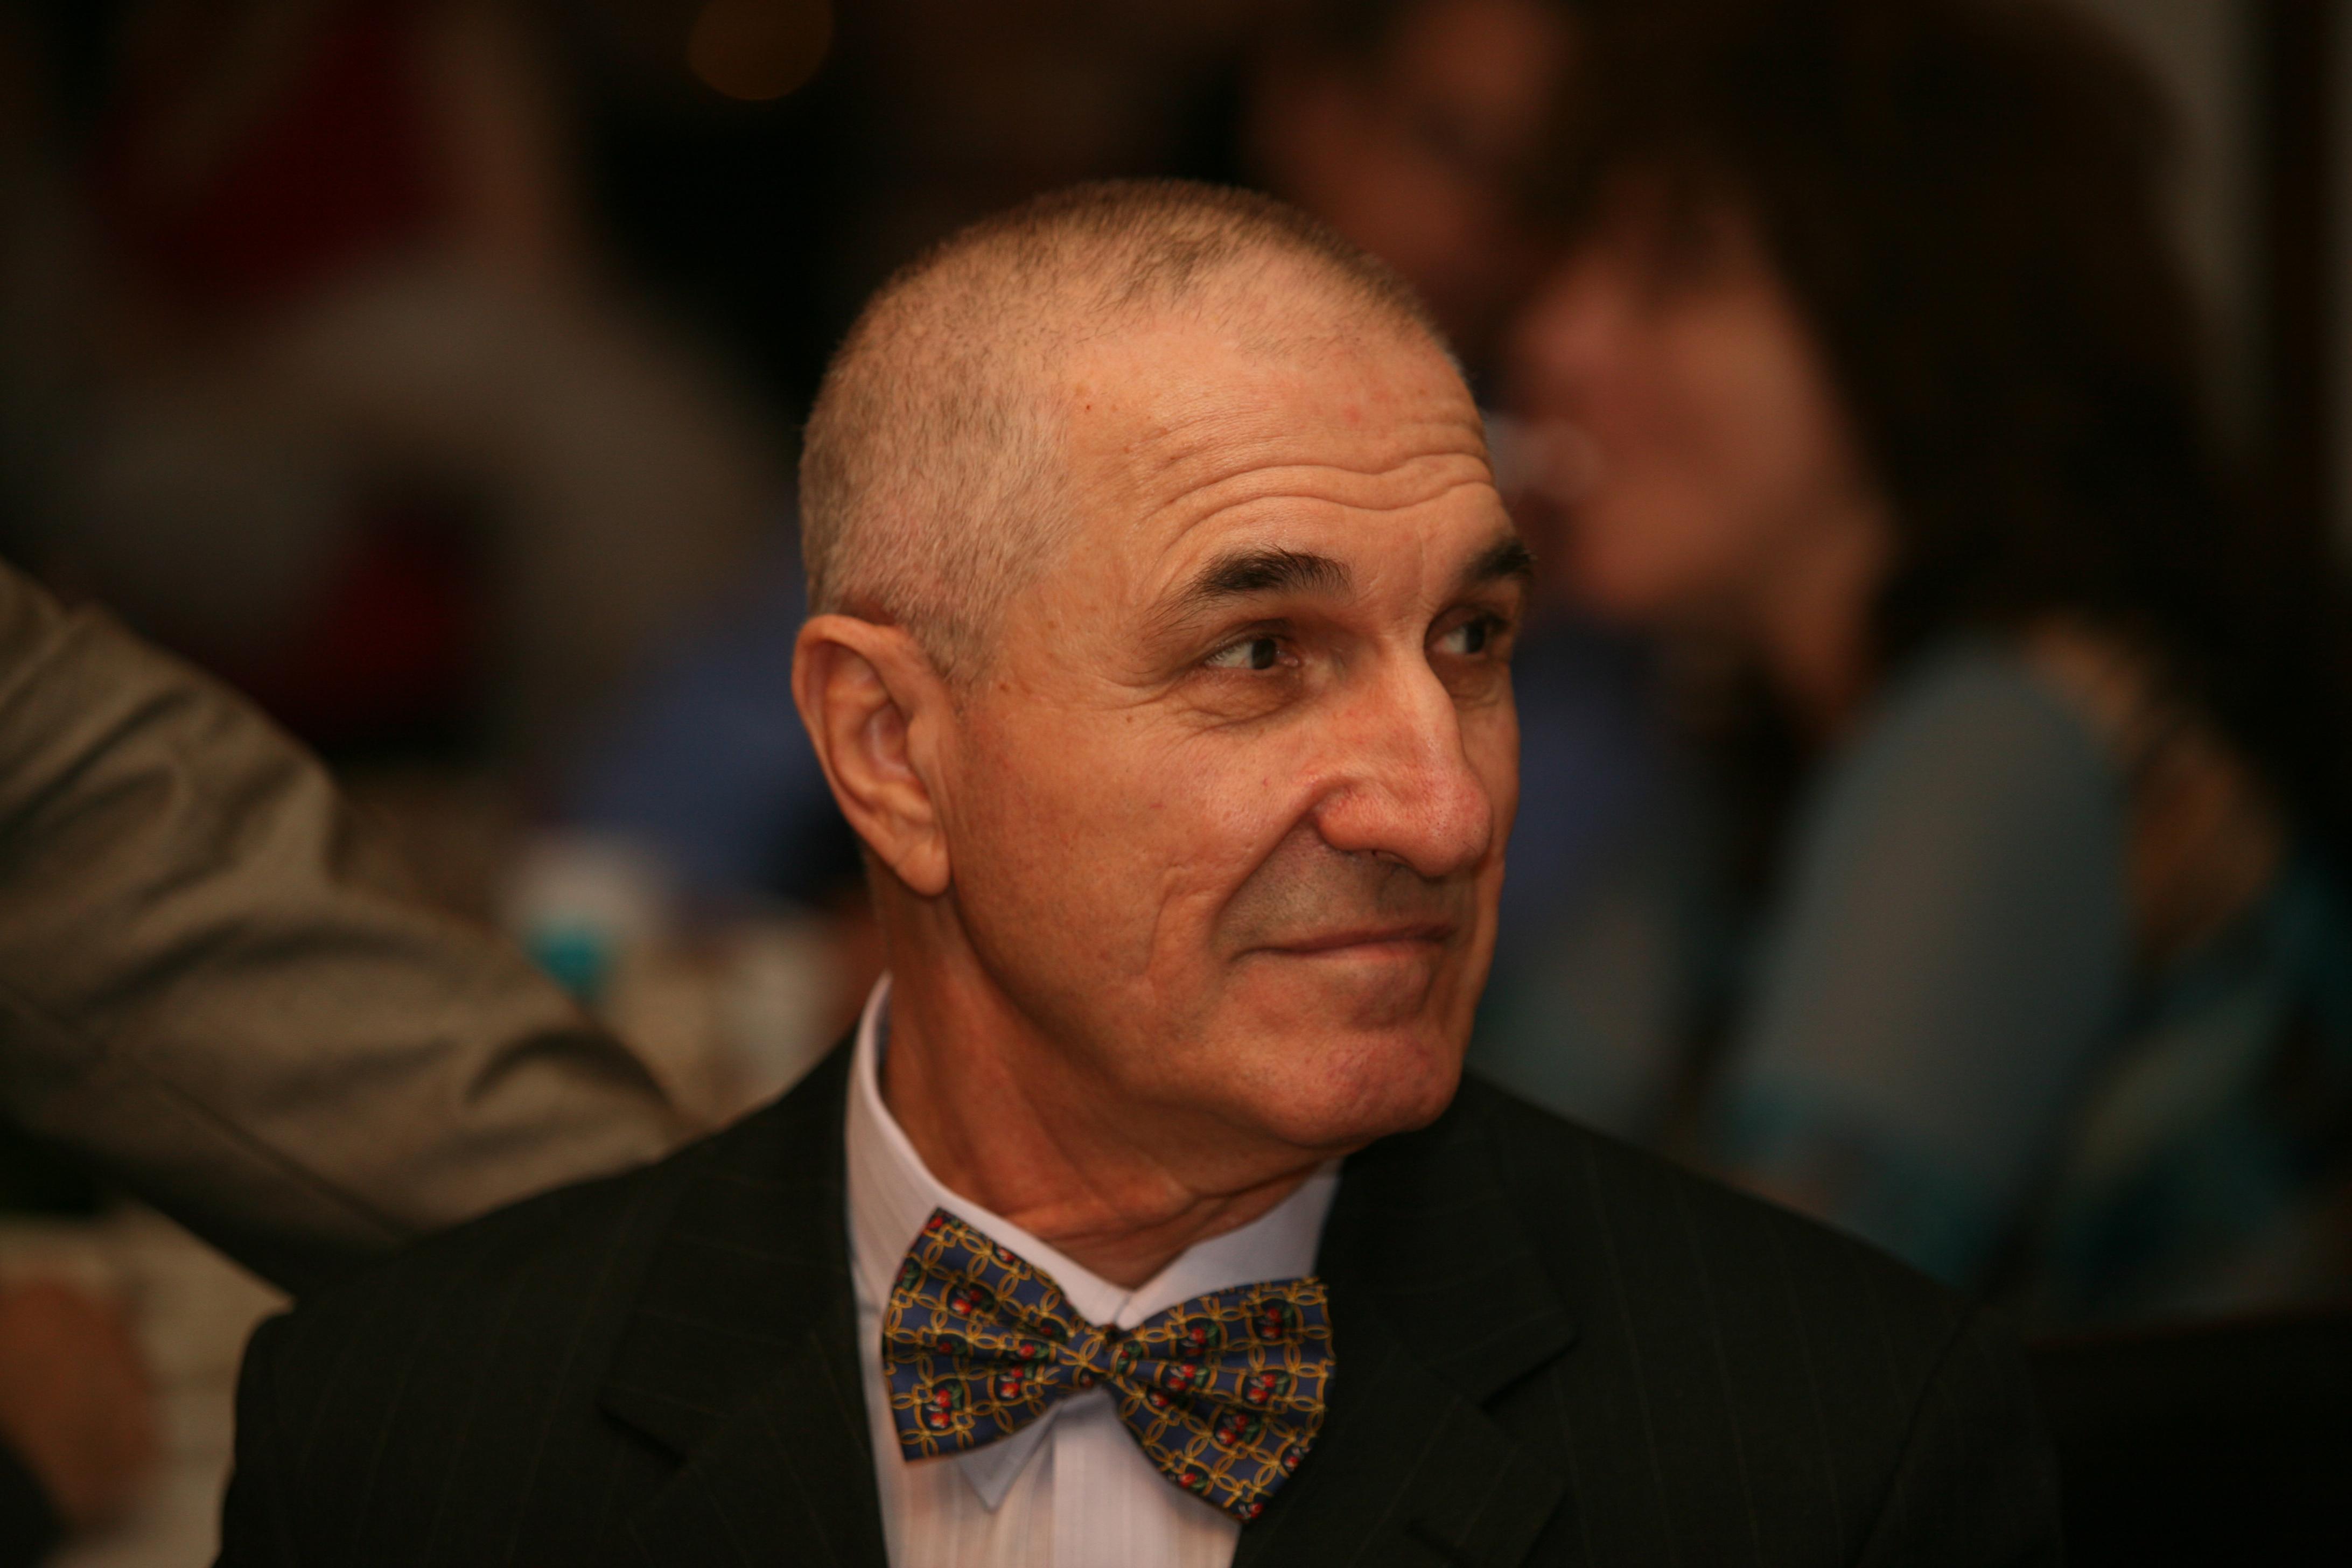 Gheorghe Dinica are infectie cu stafilococ auriu. Medicii raman rezervati